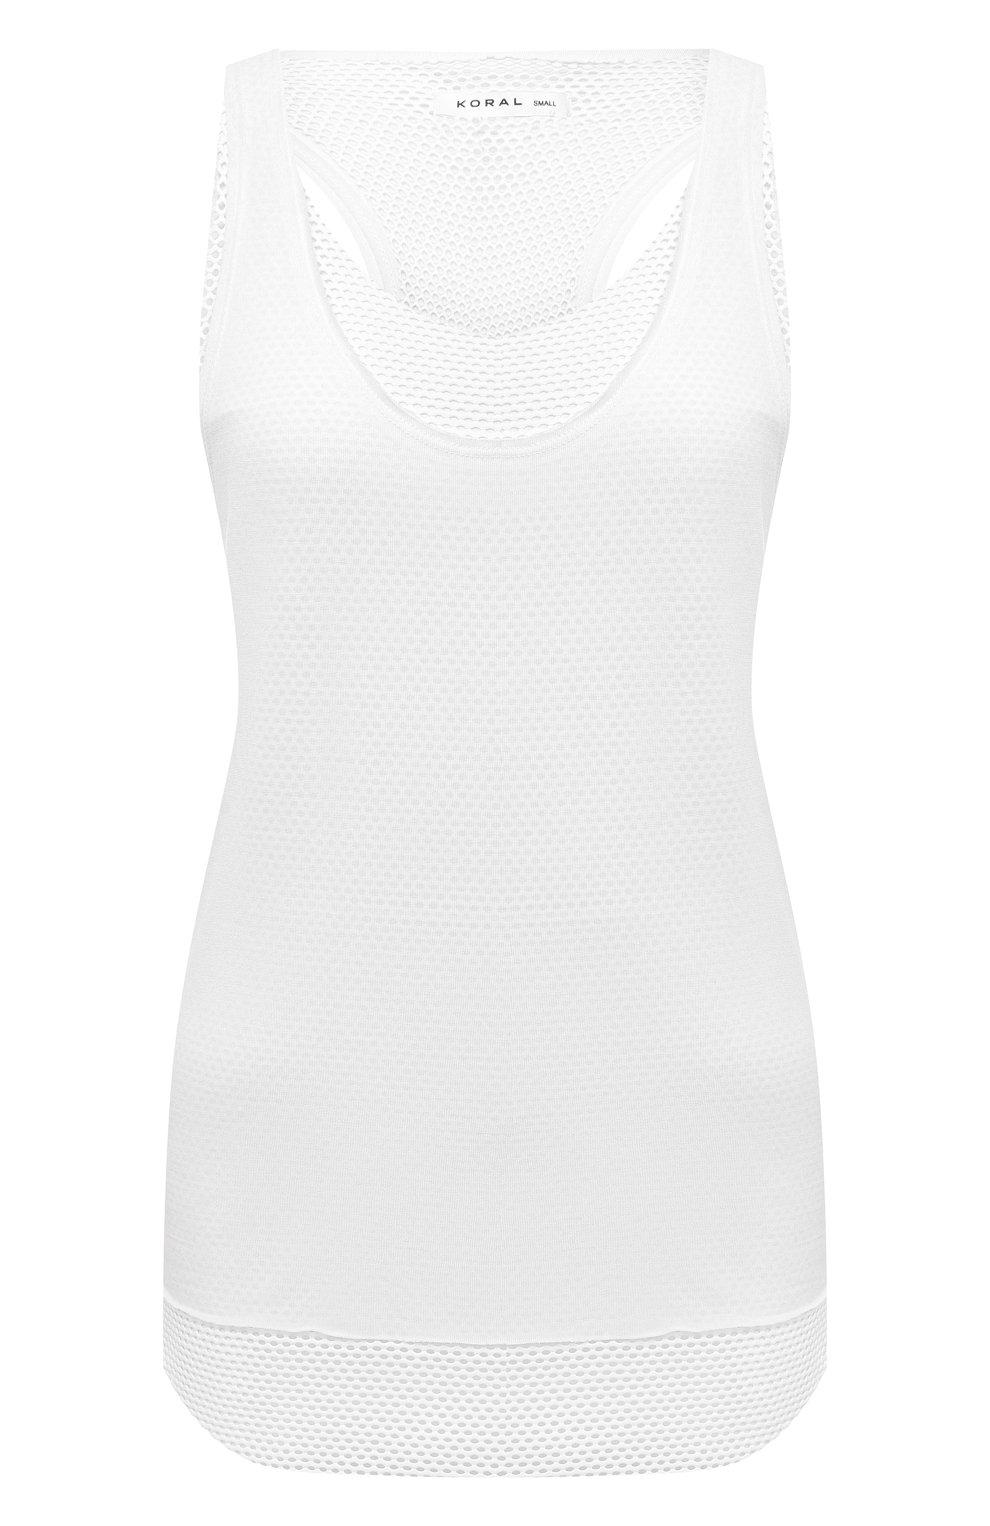 Женский майка KORAL белого цвета, арт. A6270J07 | Фото 1 (Кросс-КТ: без рукавов; Длина (для топов): Стандартные; Материал подклада: Синтетический материал; Статус проверки: Проверена категория)